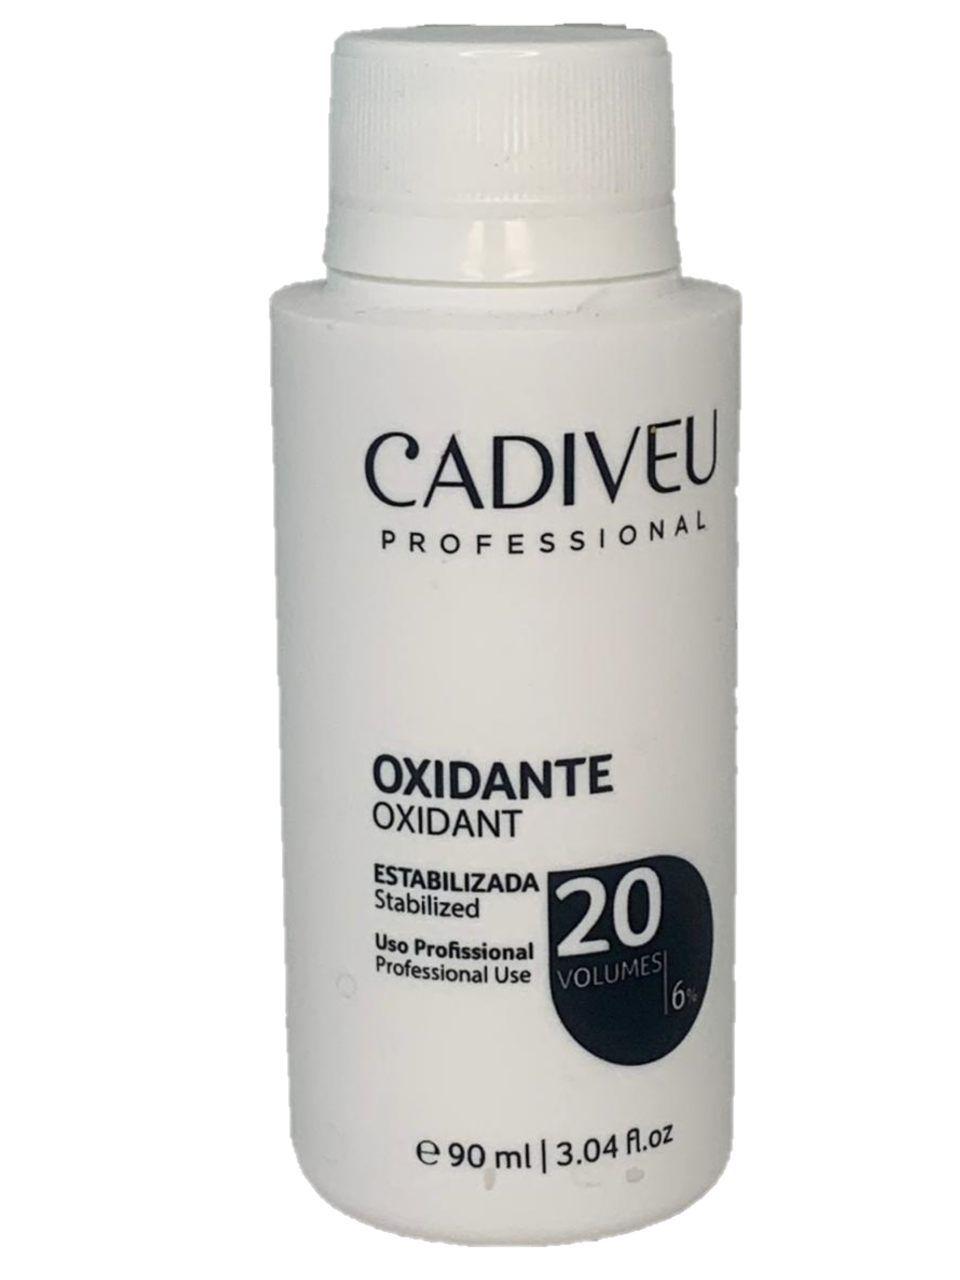 Água Oxigenada (OX Oxidante 20 Volumes - 90ml) - Cadiveu Professional